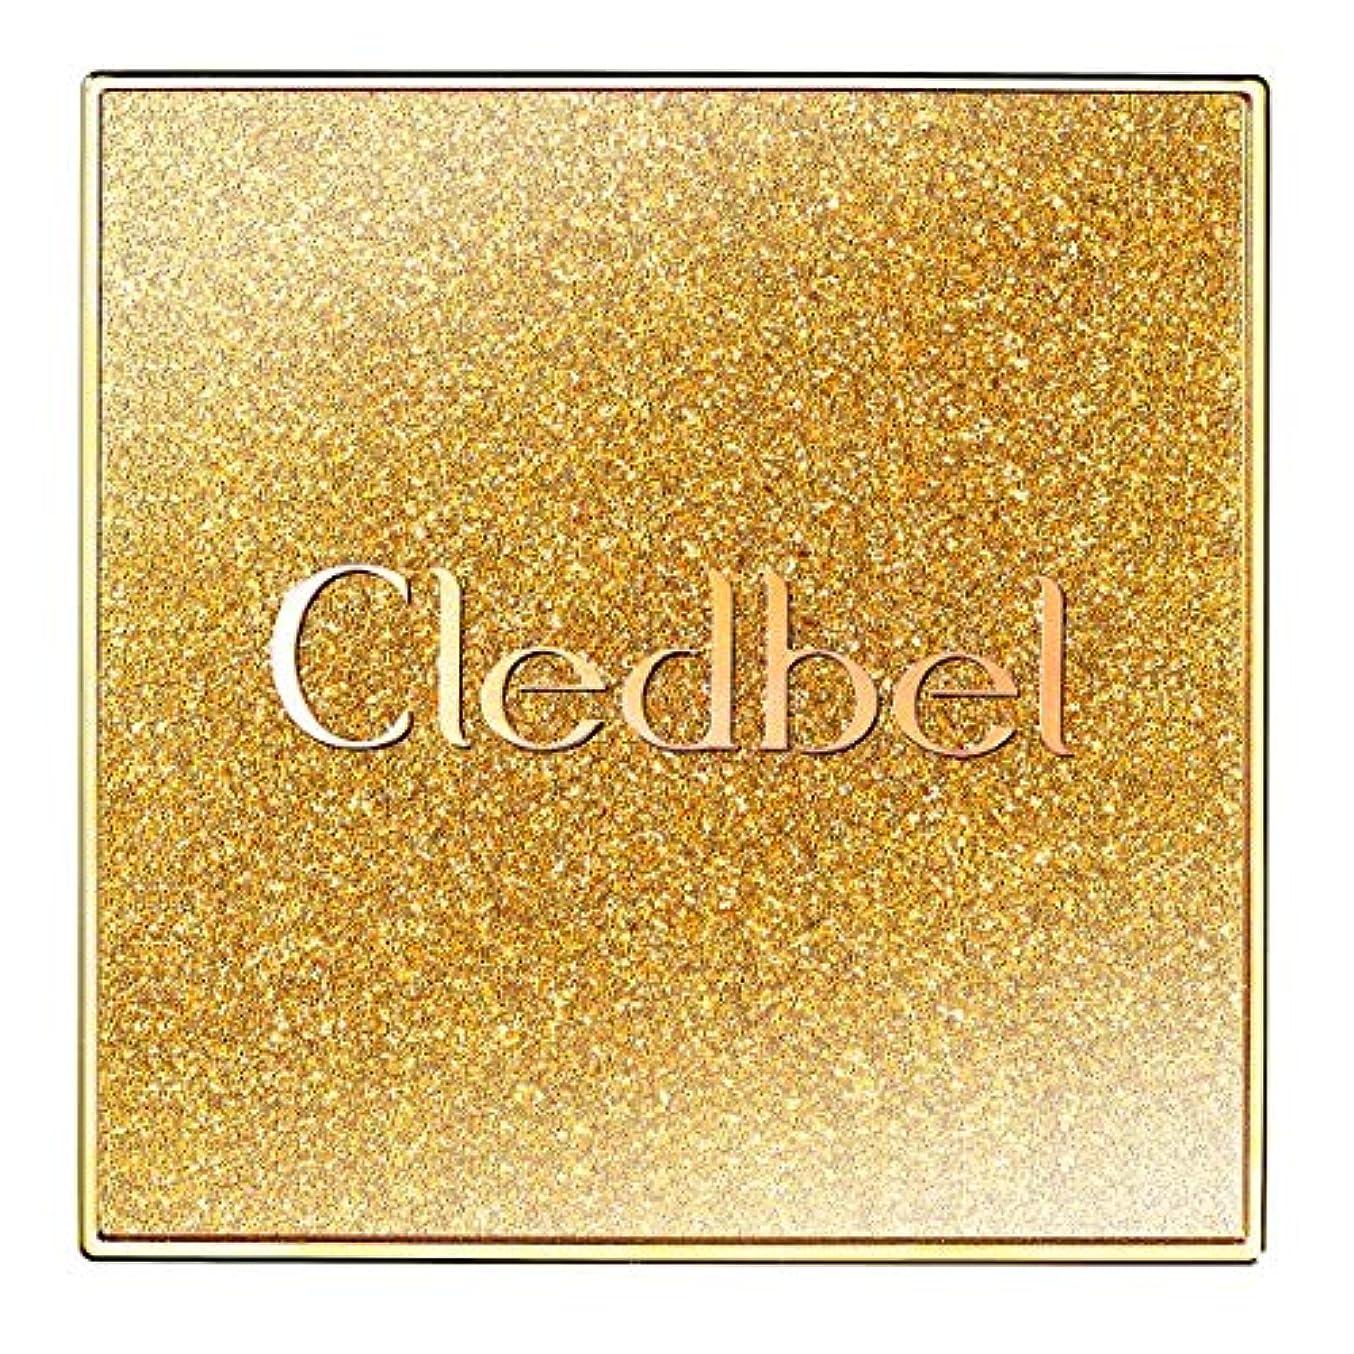 悪名高い告白するフロンティア[Cledbel] Miracle Power Lift V Cushion SPF50+ PA+++ GOLD EDITION/クレッドベルミラクルリフトV クッション [並行輸入品]